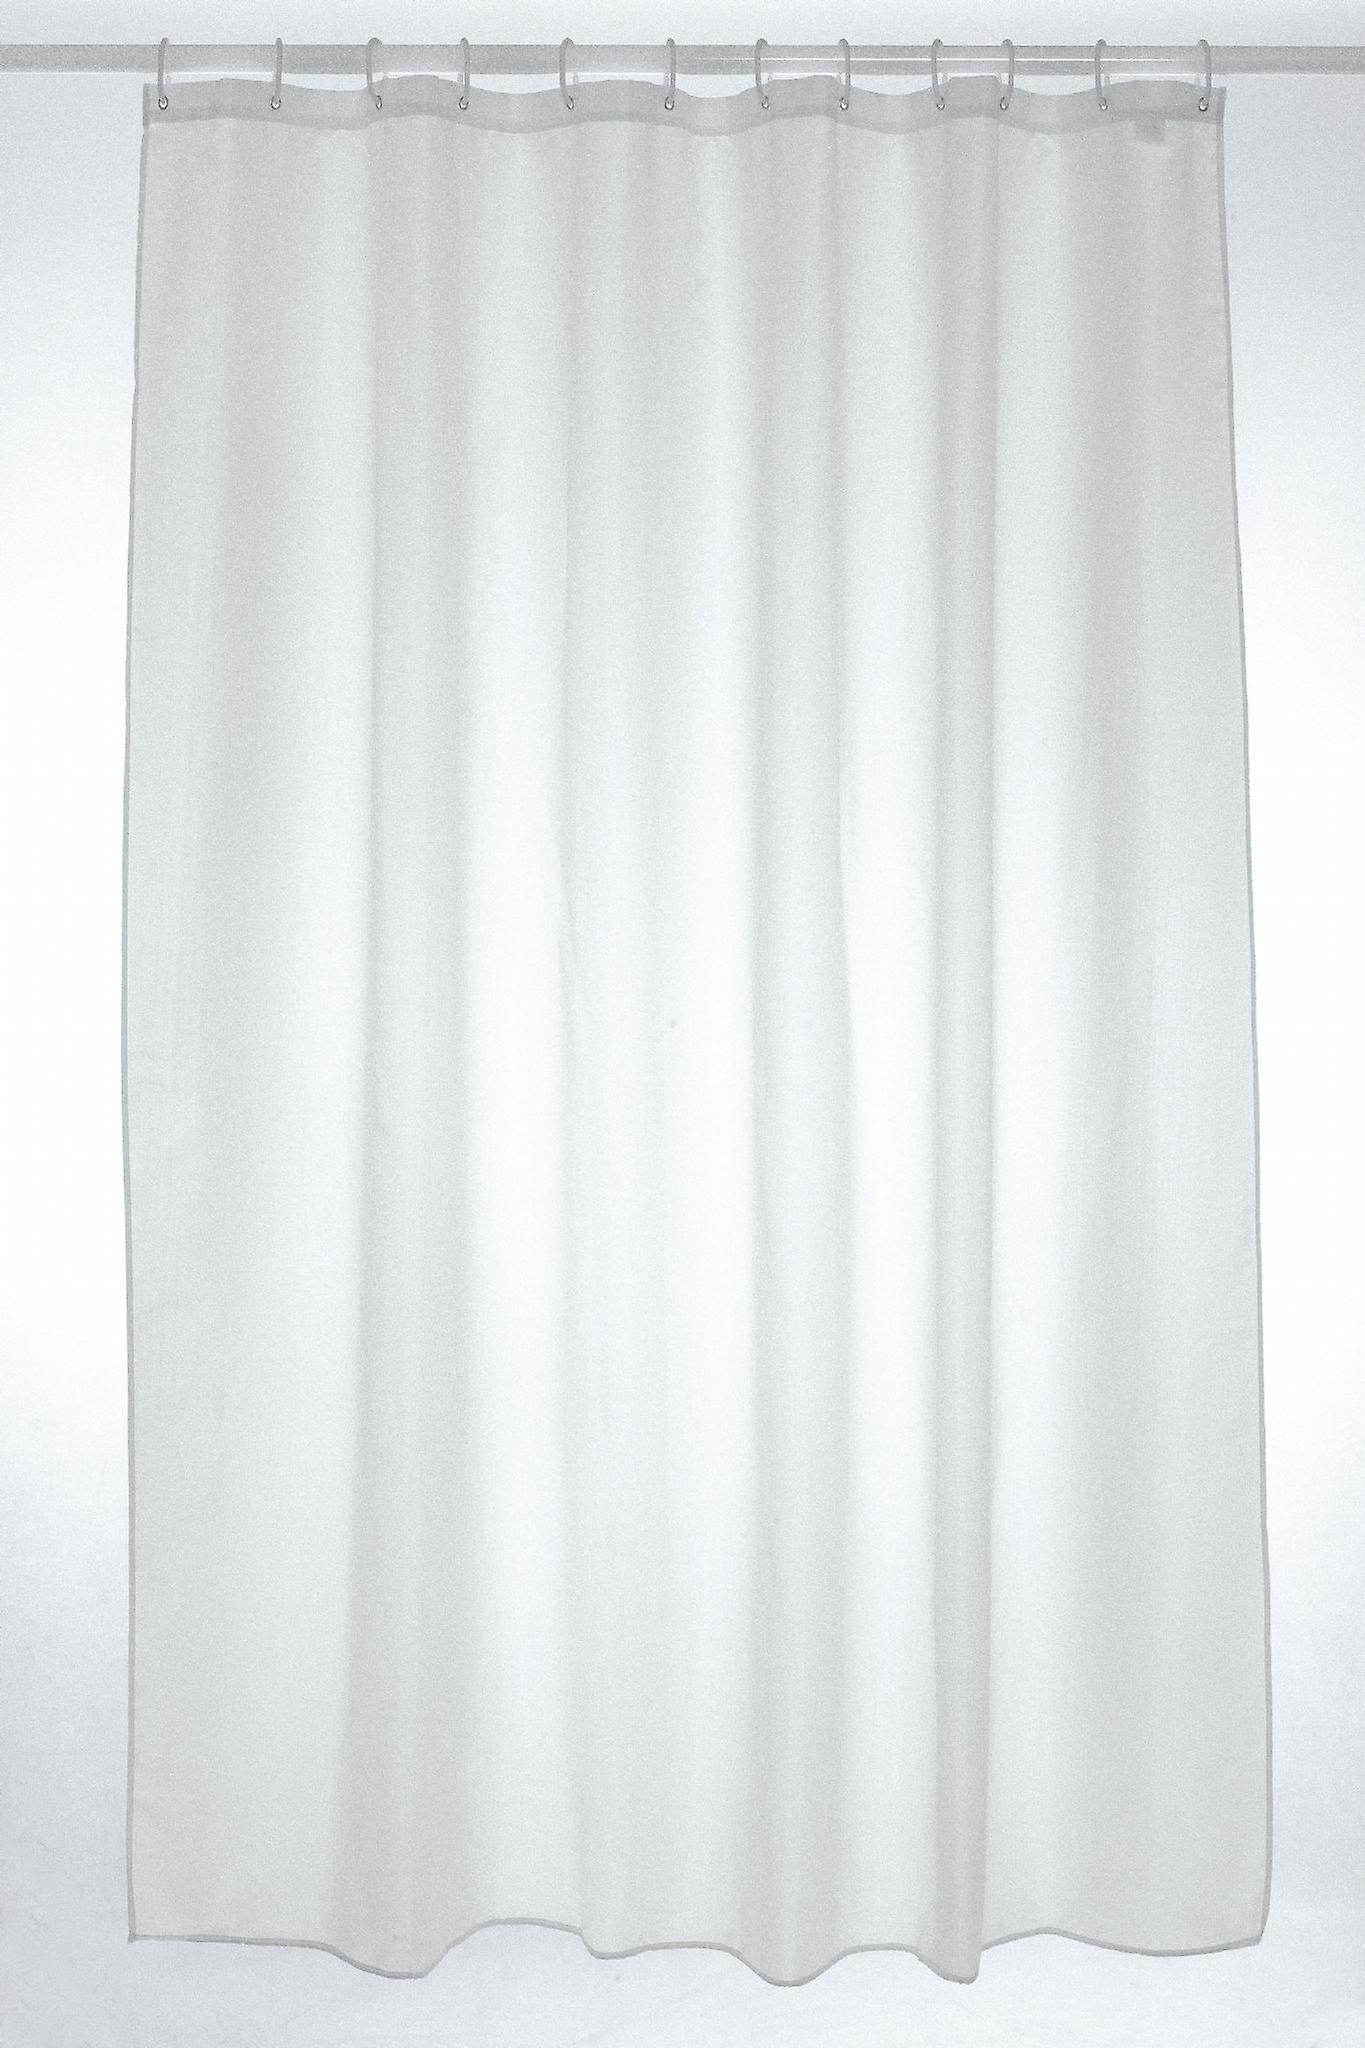 Vit ren Polyester dusch gardin 180 x 220cm